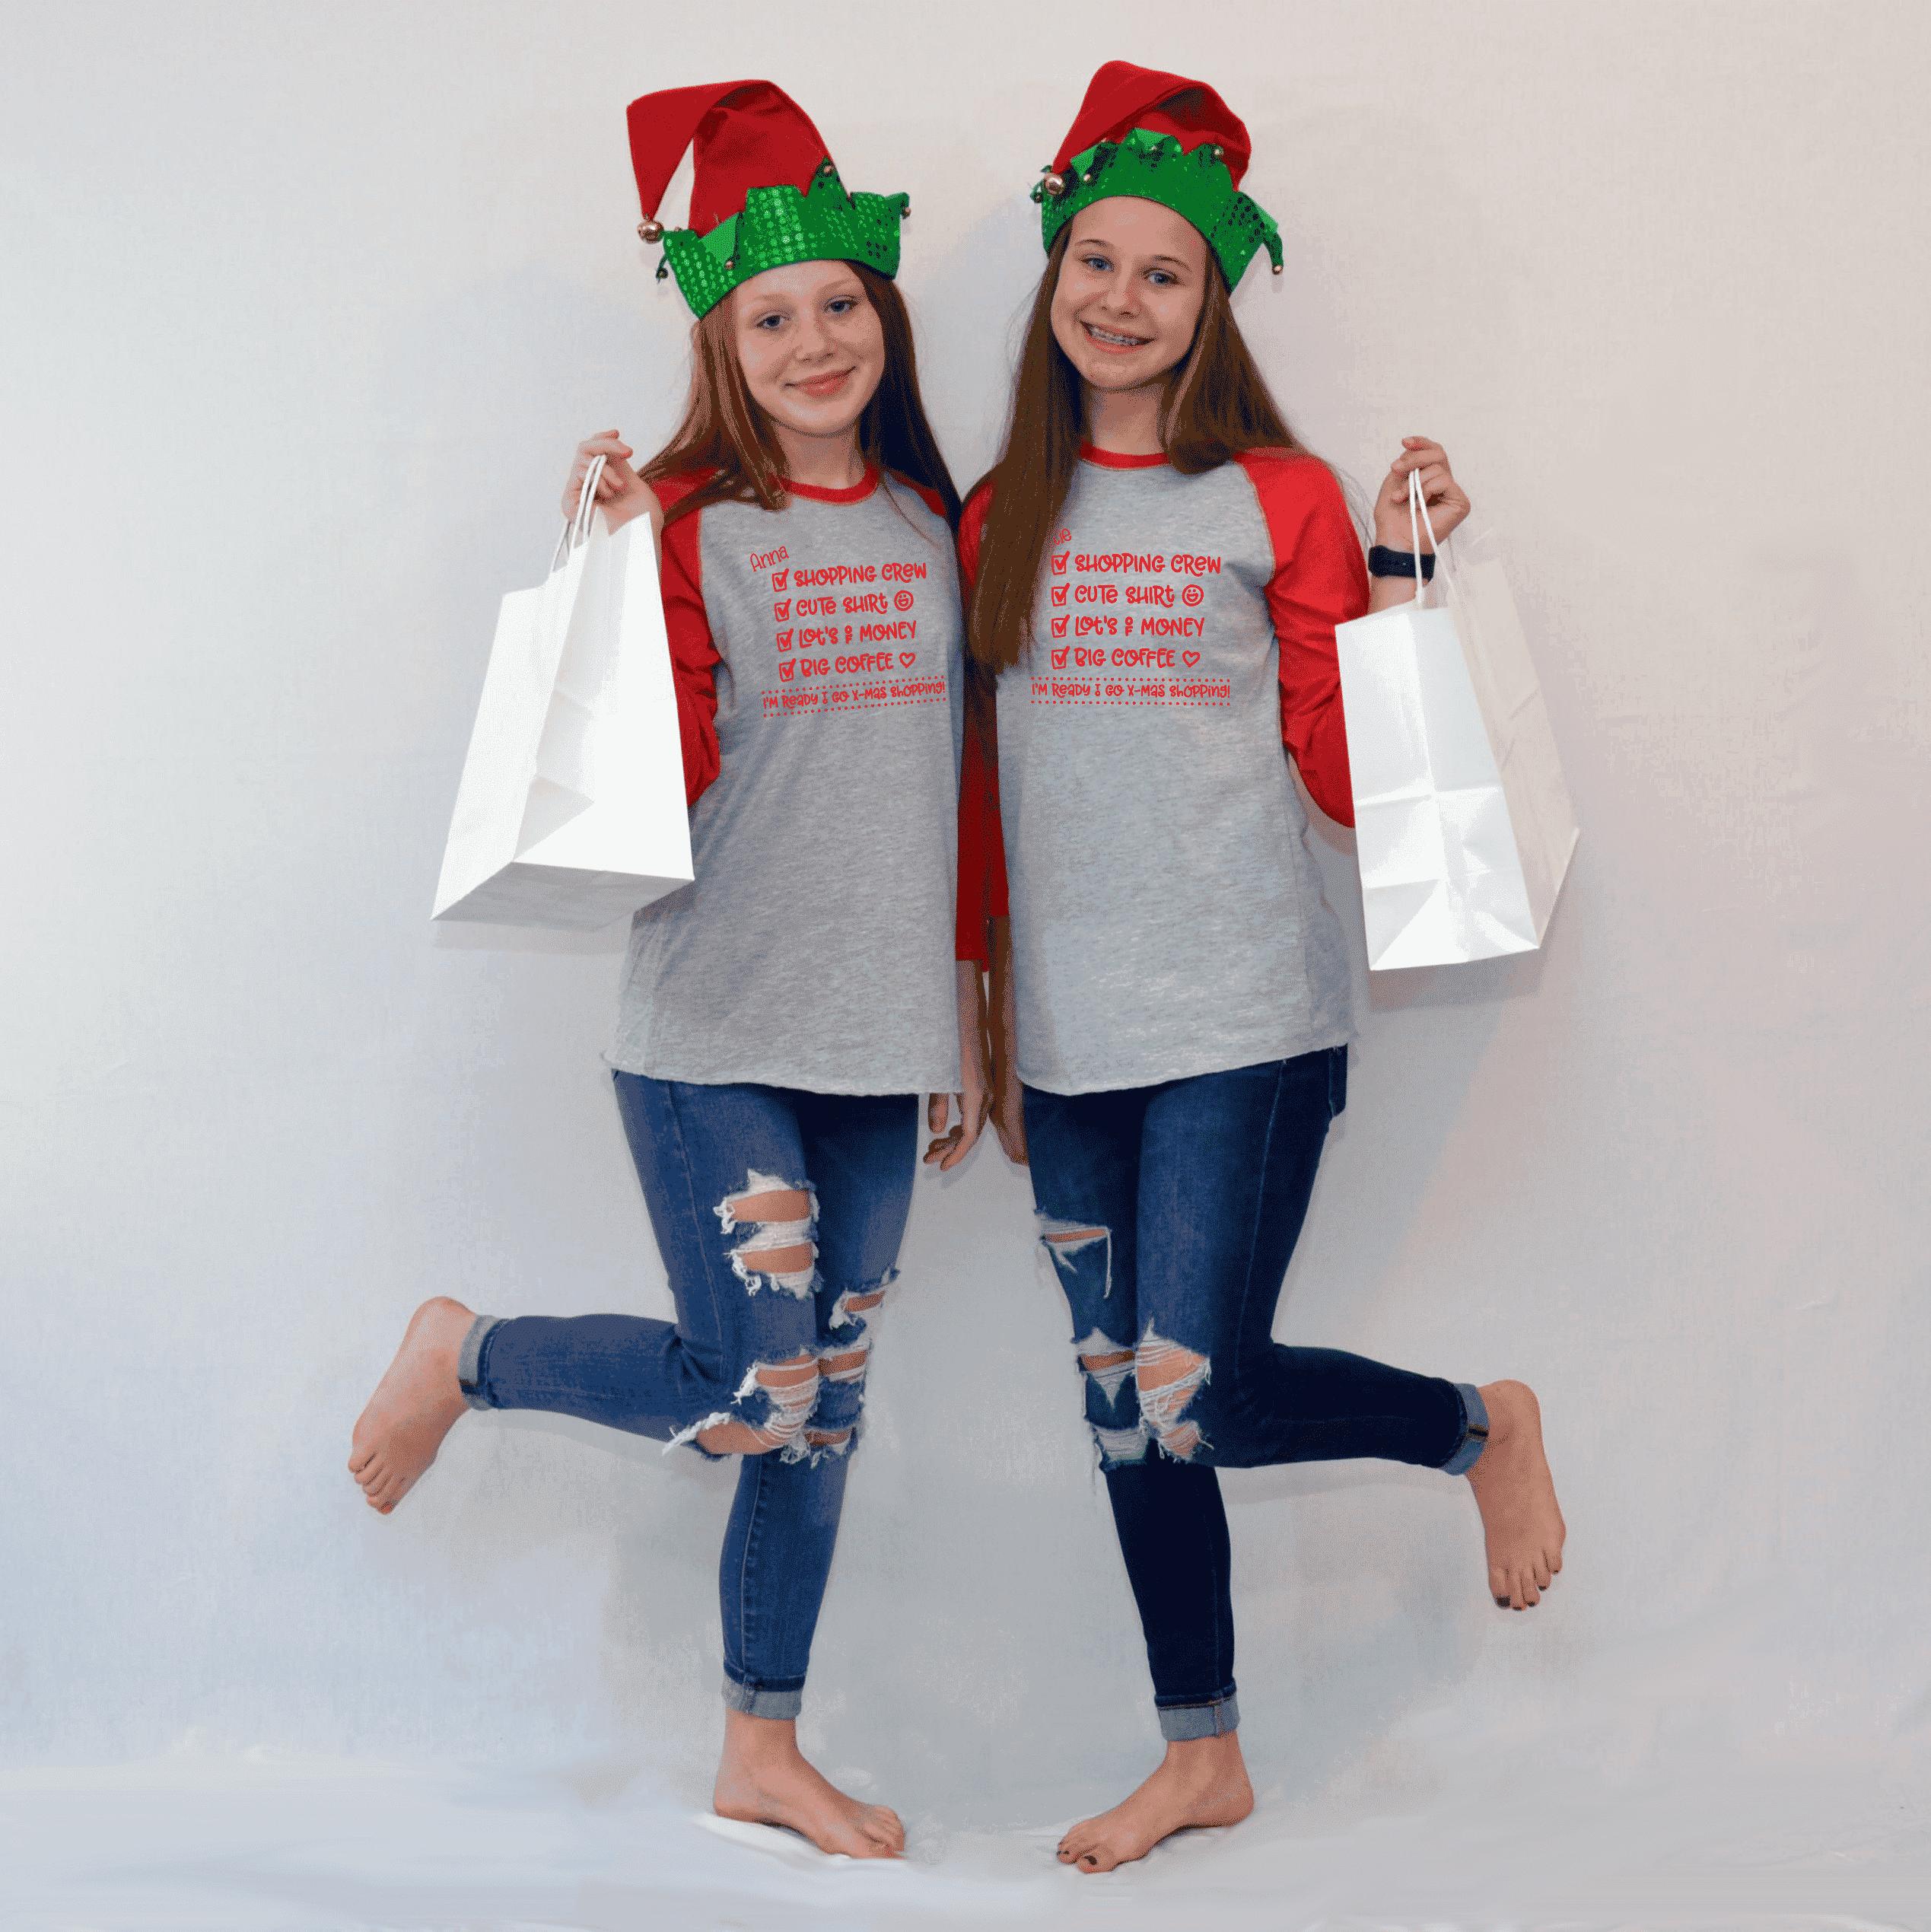 Holiday Shopping Shirts